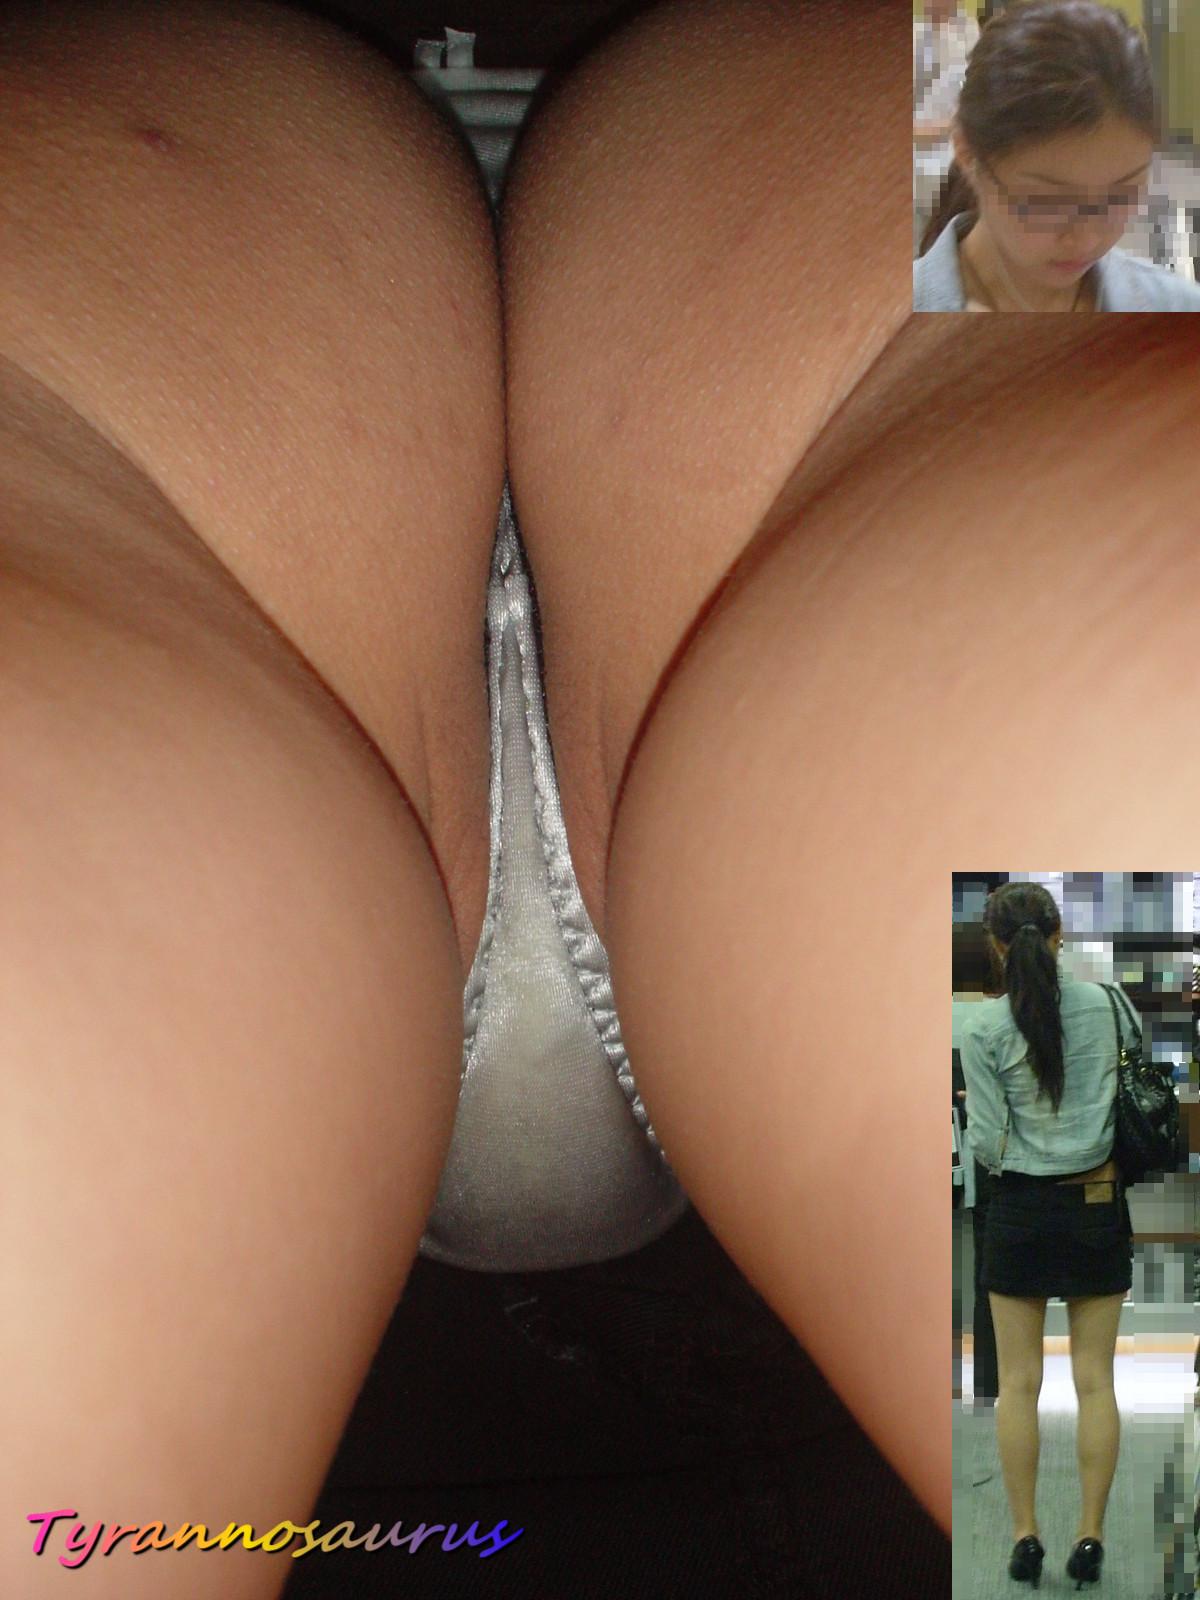 【パンチラエロ画像】真下が隙だらけ!汗で蒸れるミニスカ内部を逆さ撮り